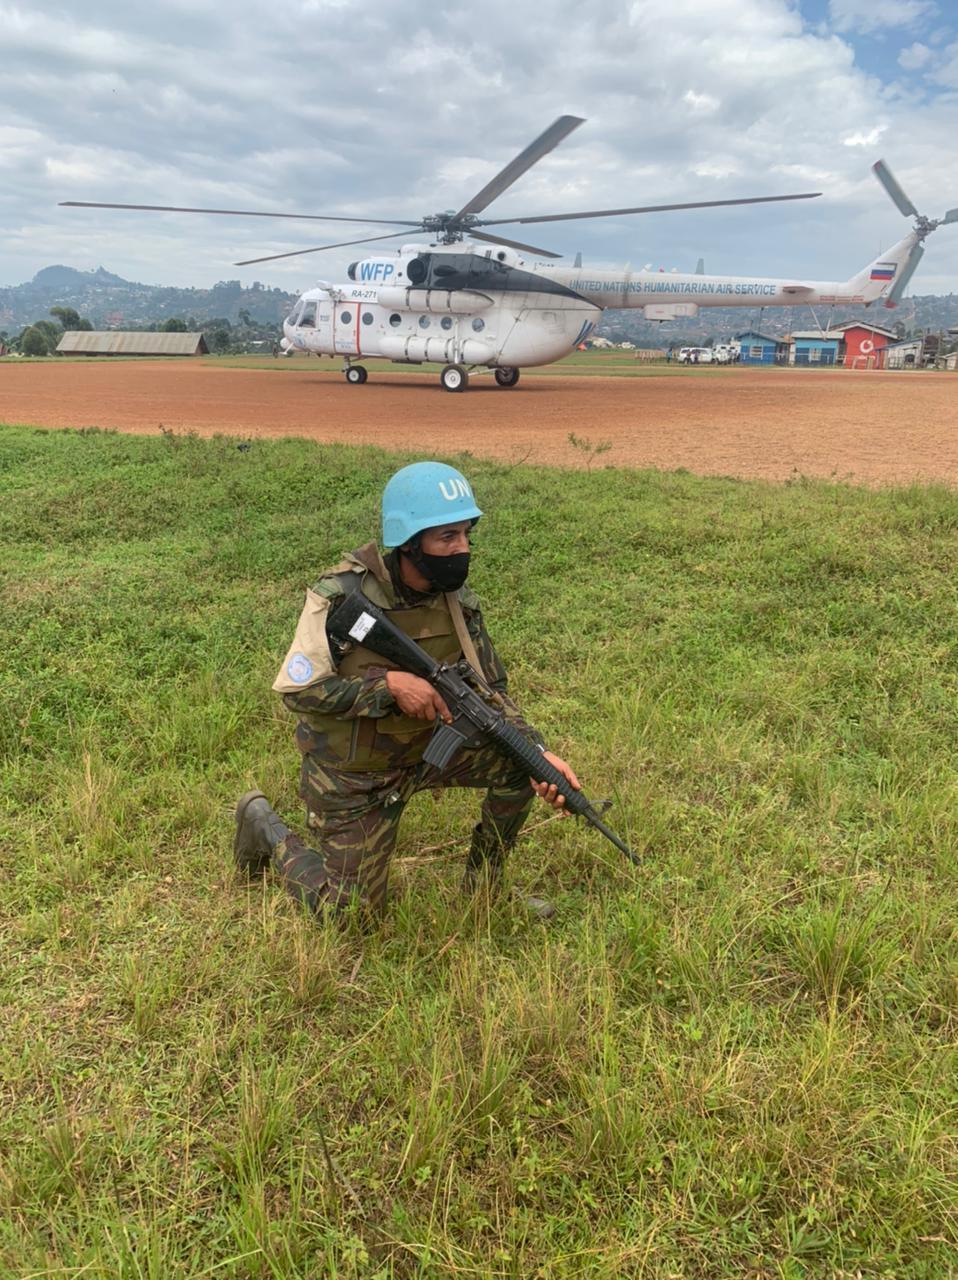 Maintien de la paix dans le monde - Les FAR en République Centrafricaine - RCA (MINUSCA) - Page 20 Eysx6110